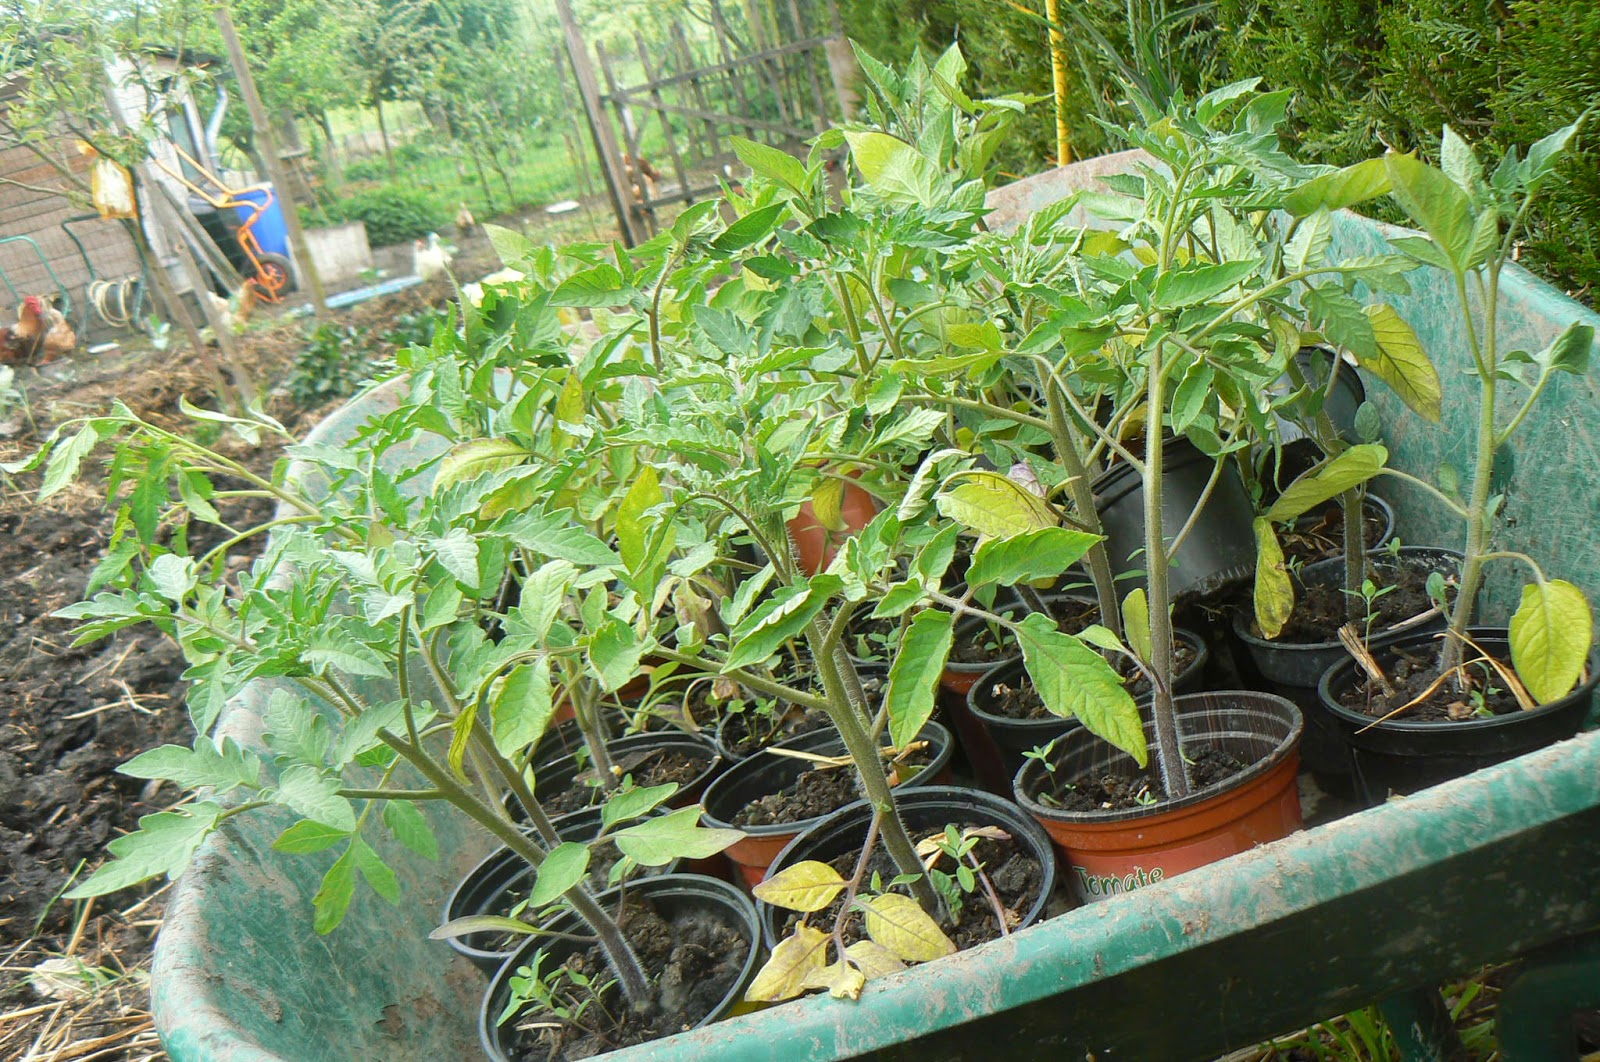 Les yeux les pieds sur ga a plantation de tomates - Plantation de tomates ...